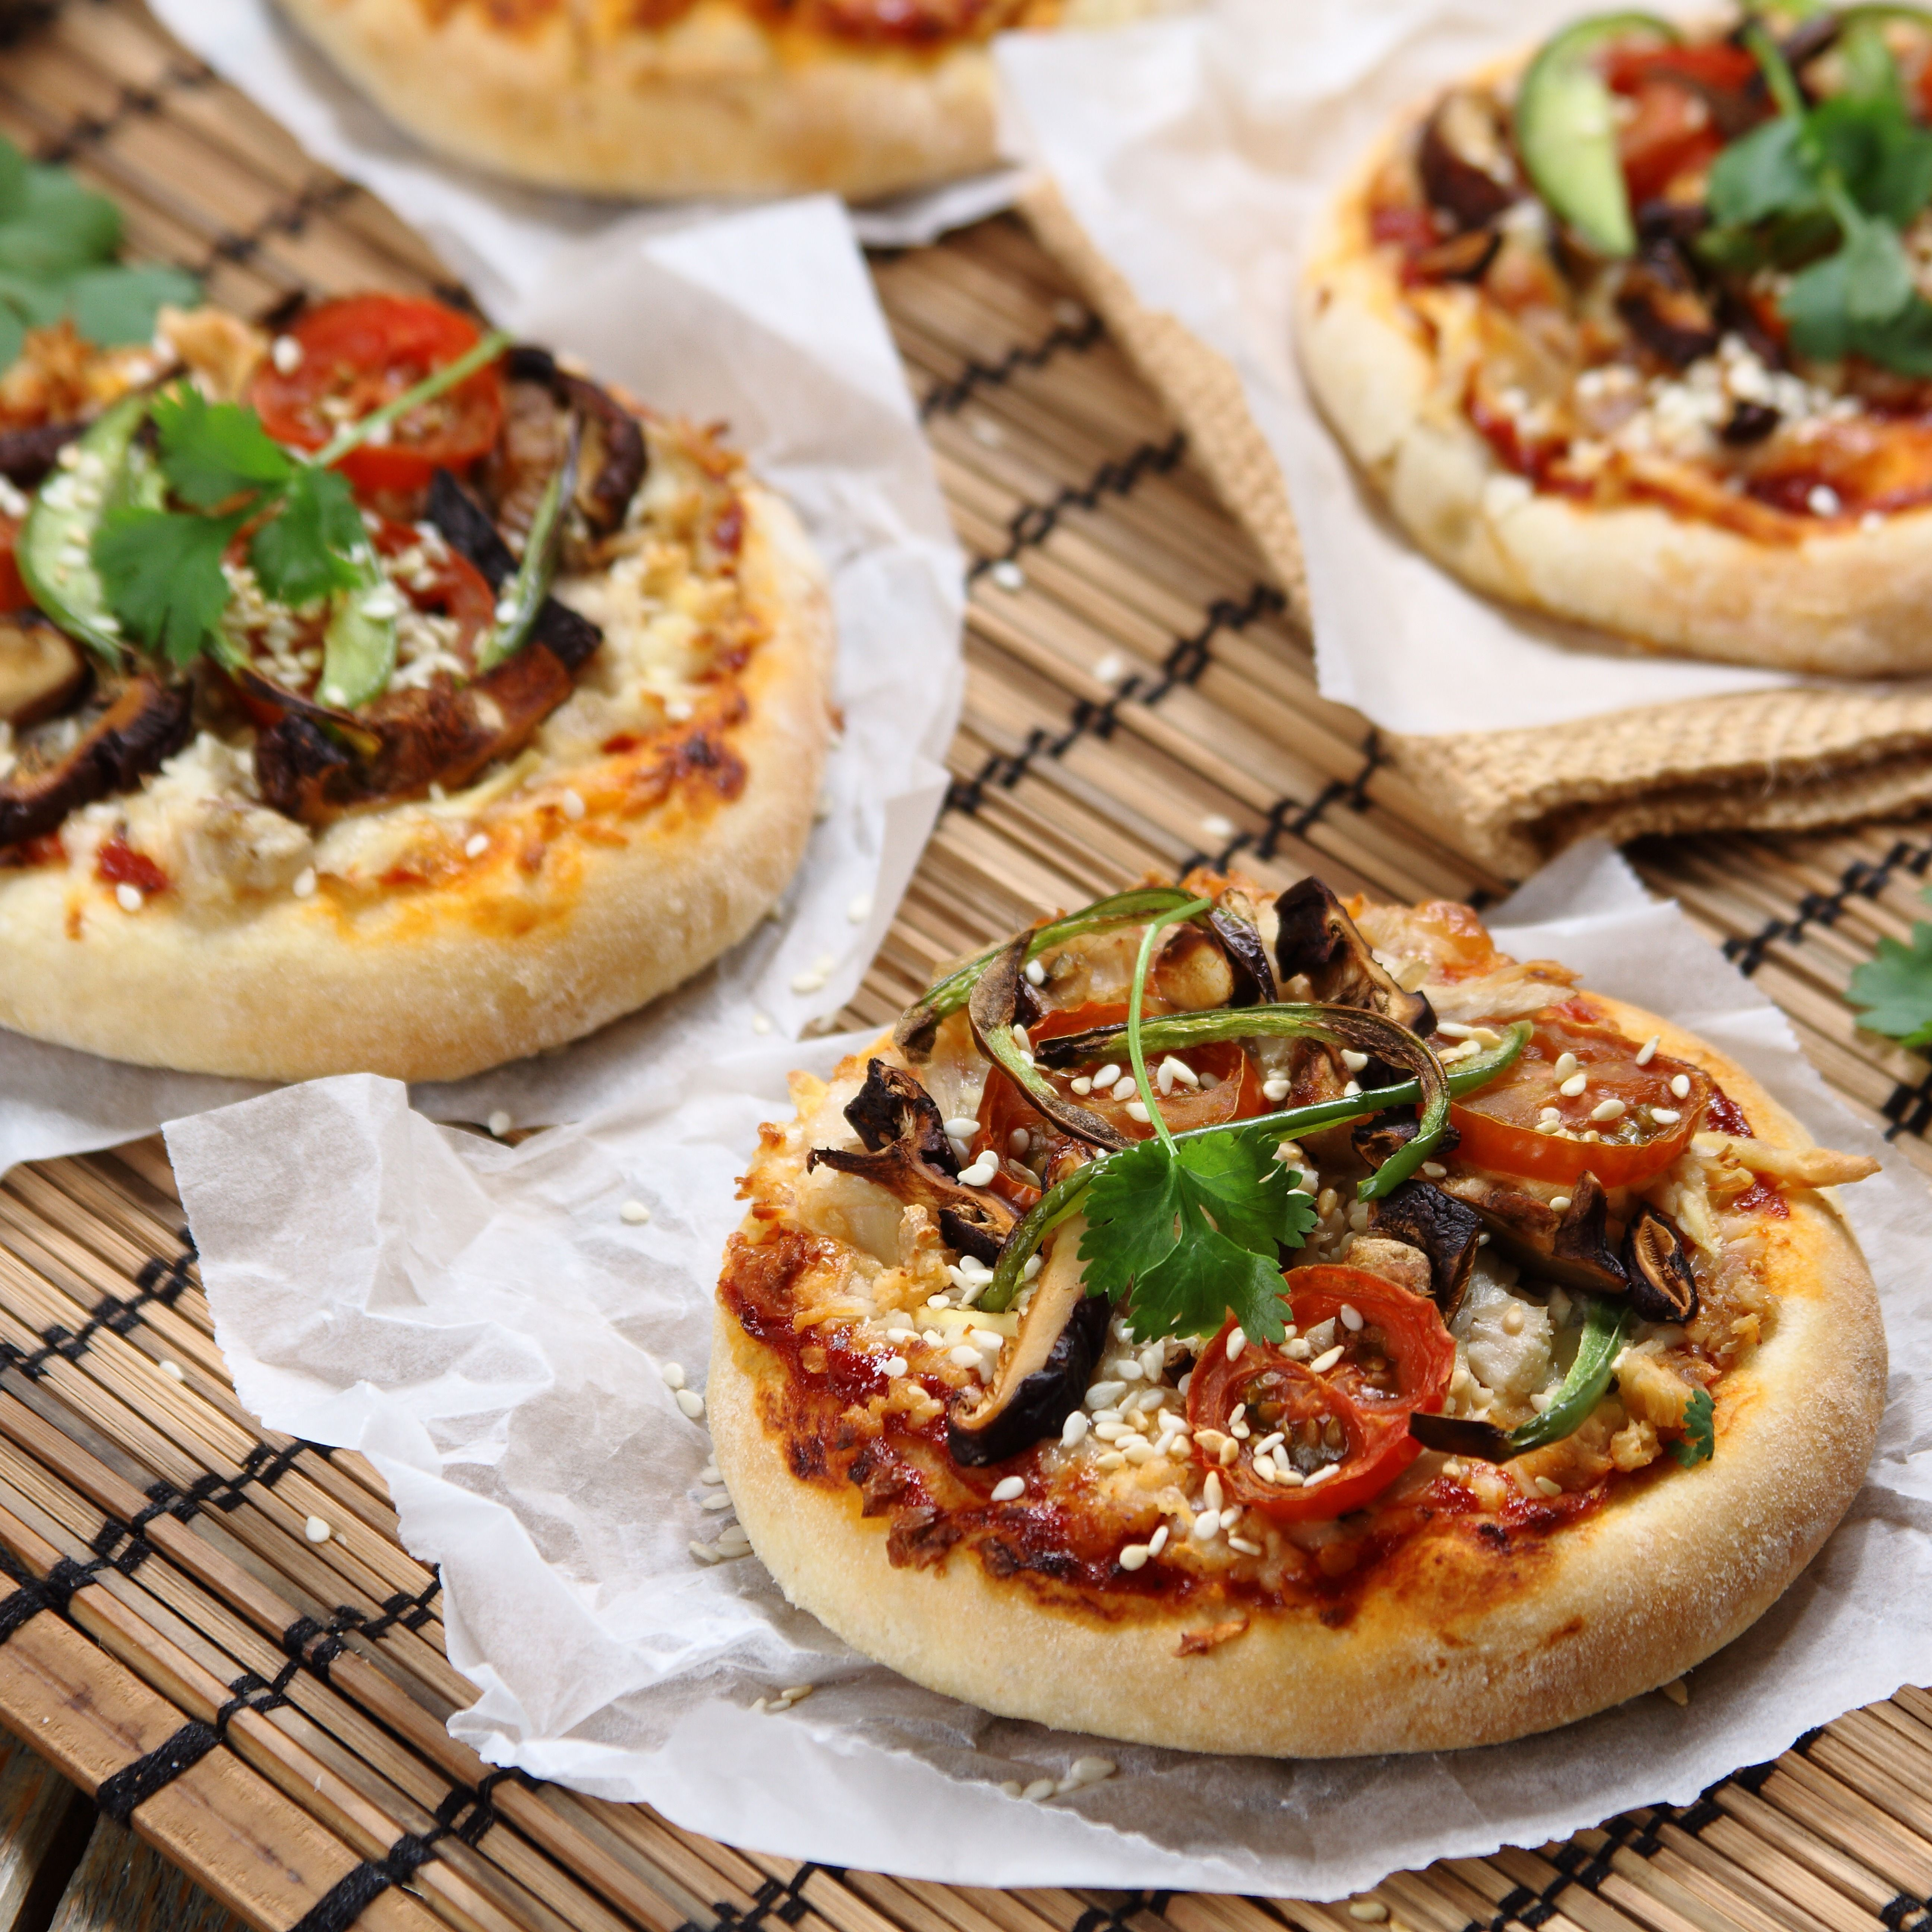 Orientalne Mini Pizze Z Kurczakiem Chilli Swieza Kolendra I Tofu Przepis Zobacz Na Przepisy Pl Recipe Food Vegetable Pizza Vegetables